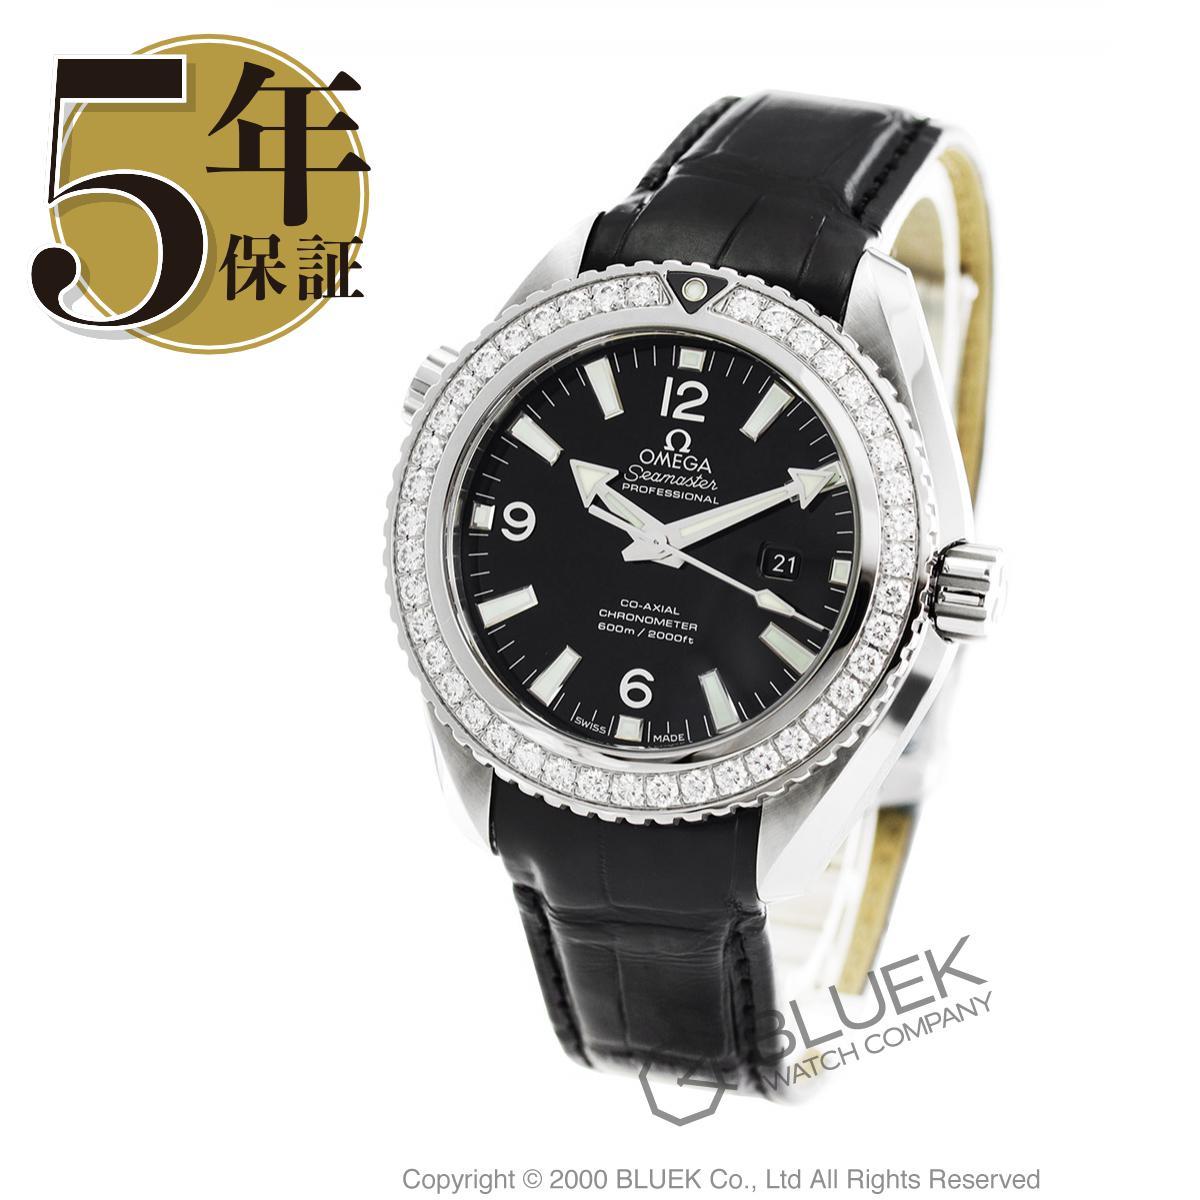 オメガ シーマスター プラネットオーシャン 600m防水 ダイヤ アリゲーターレザー 腕時計 ユニセックス OMEGA 232.18.38.20.01.001_8